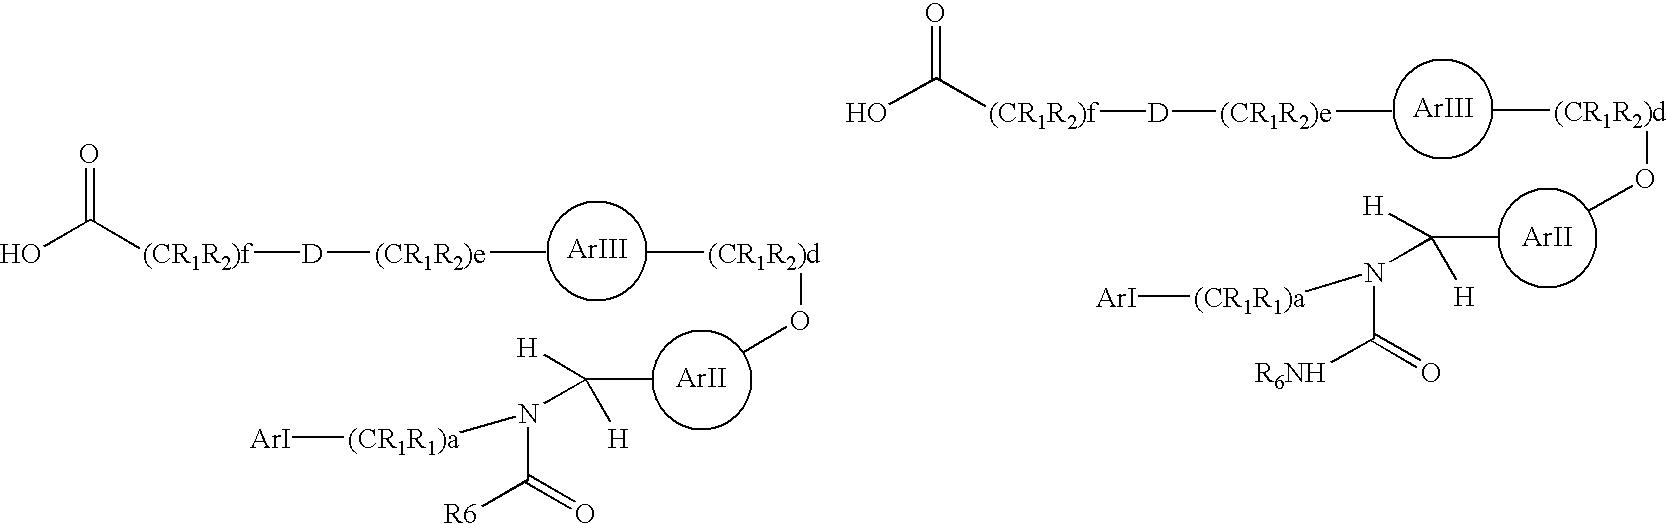 Figure US20030220373A1-20031127-C00106